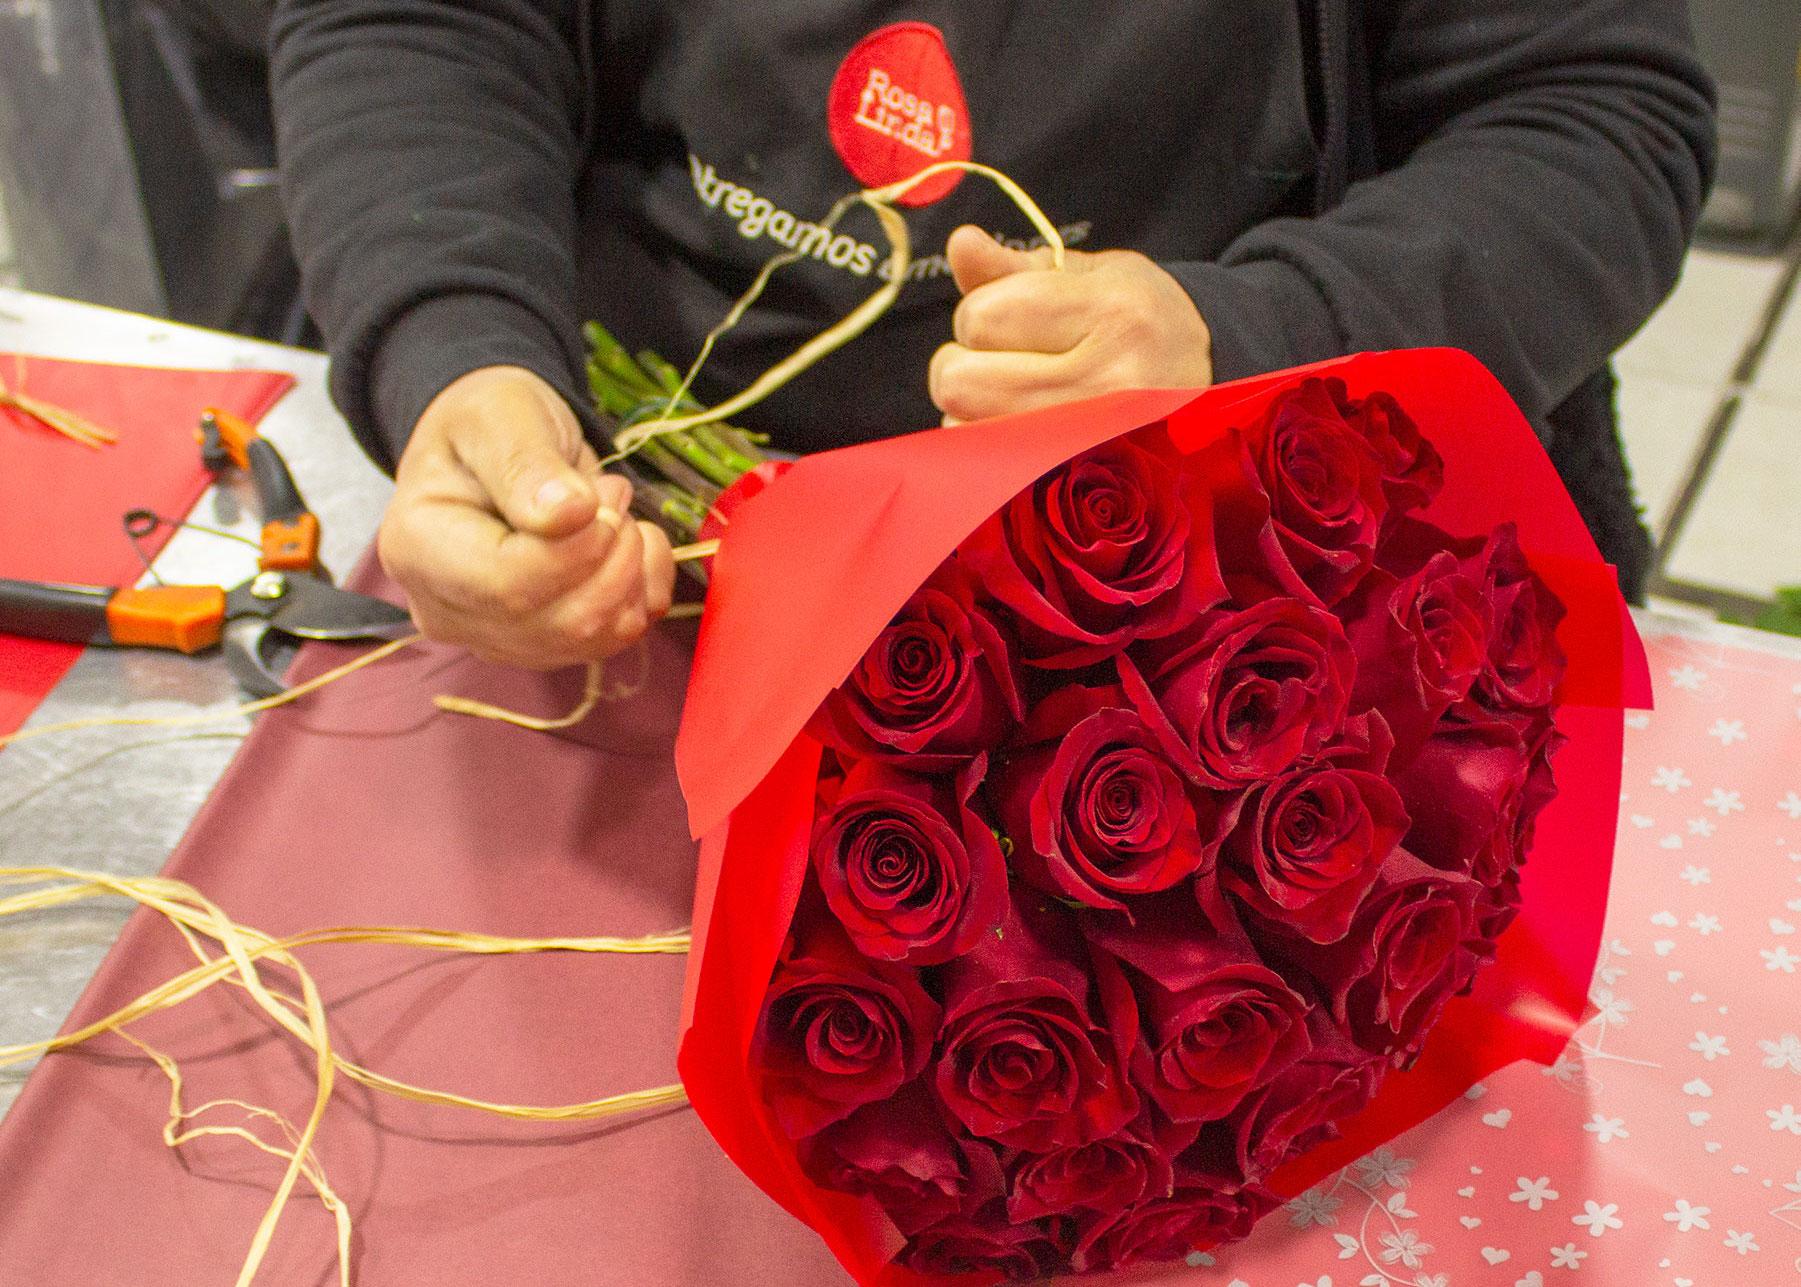 ¿Por qué el alza en los precios de las flores? Breve explicación sobre la creciente inflación en los valores del rubro floral